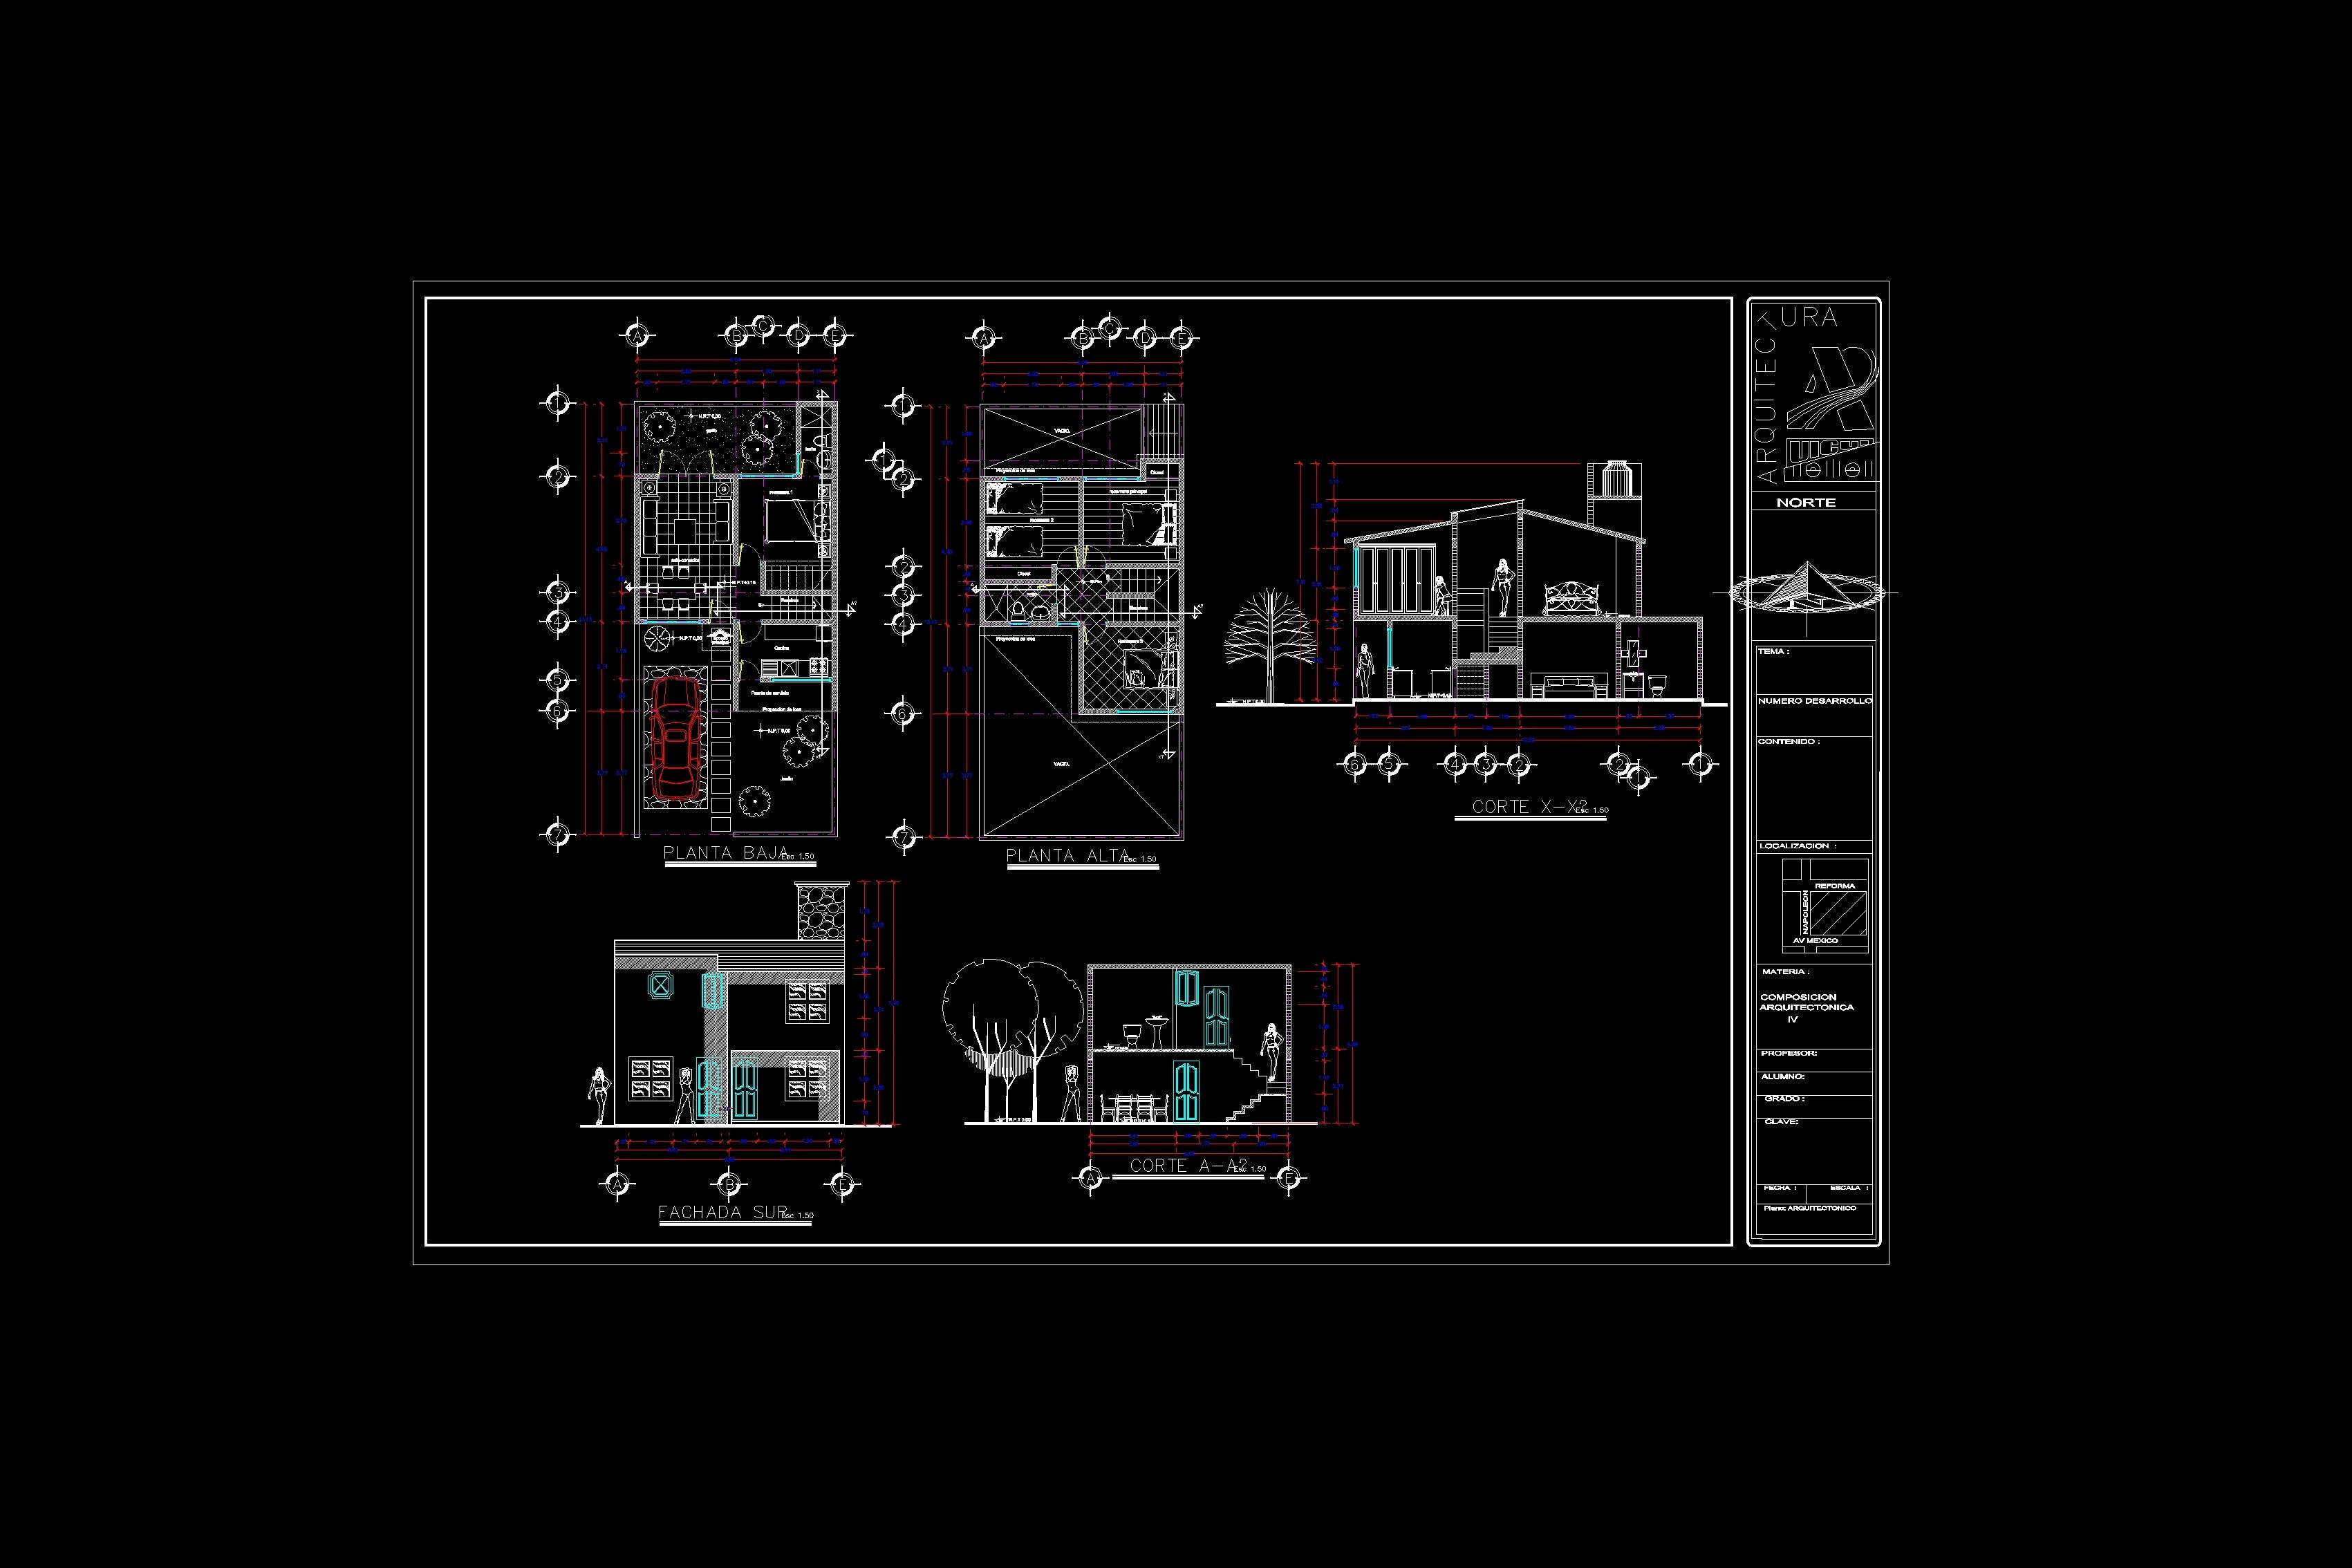 Descarga gratis plano casa habitacion planos y bloques for Arquitectura planos de casas gratis